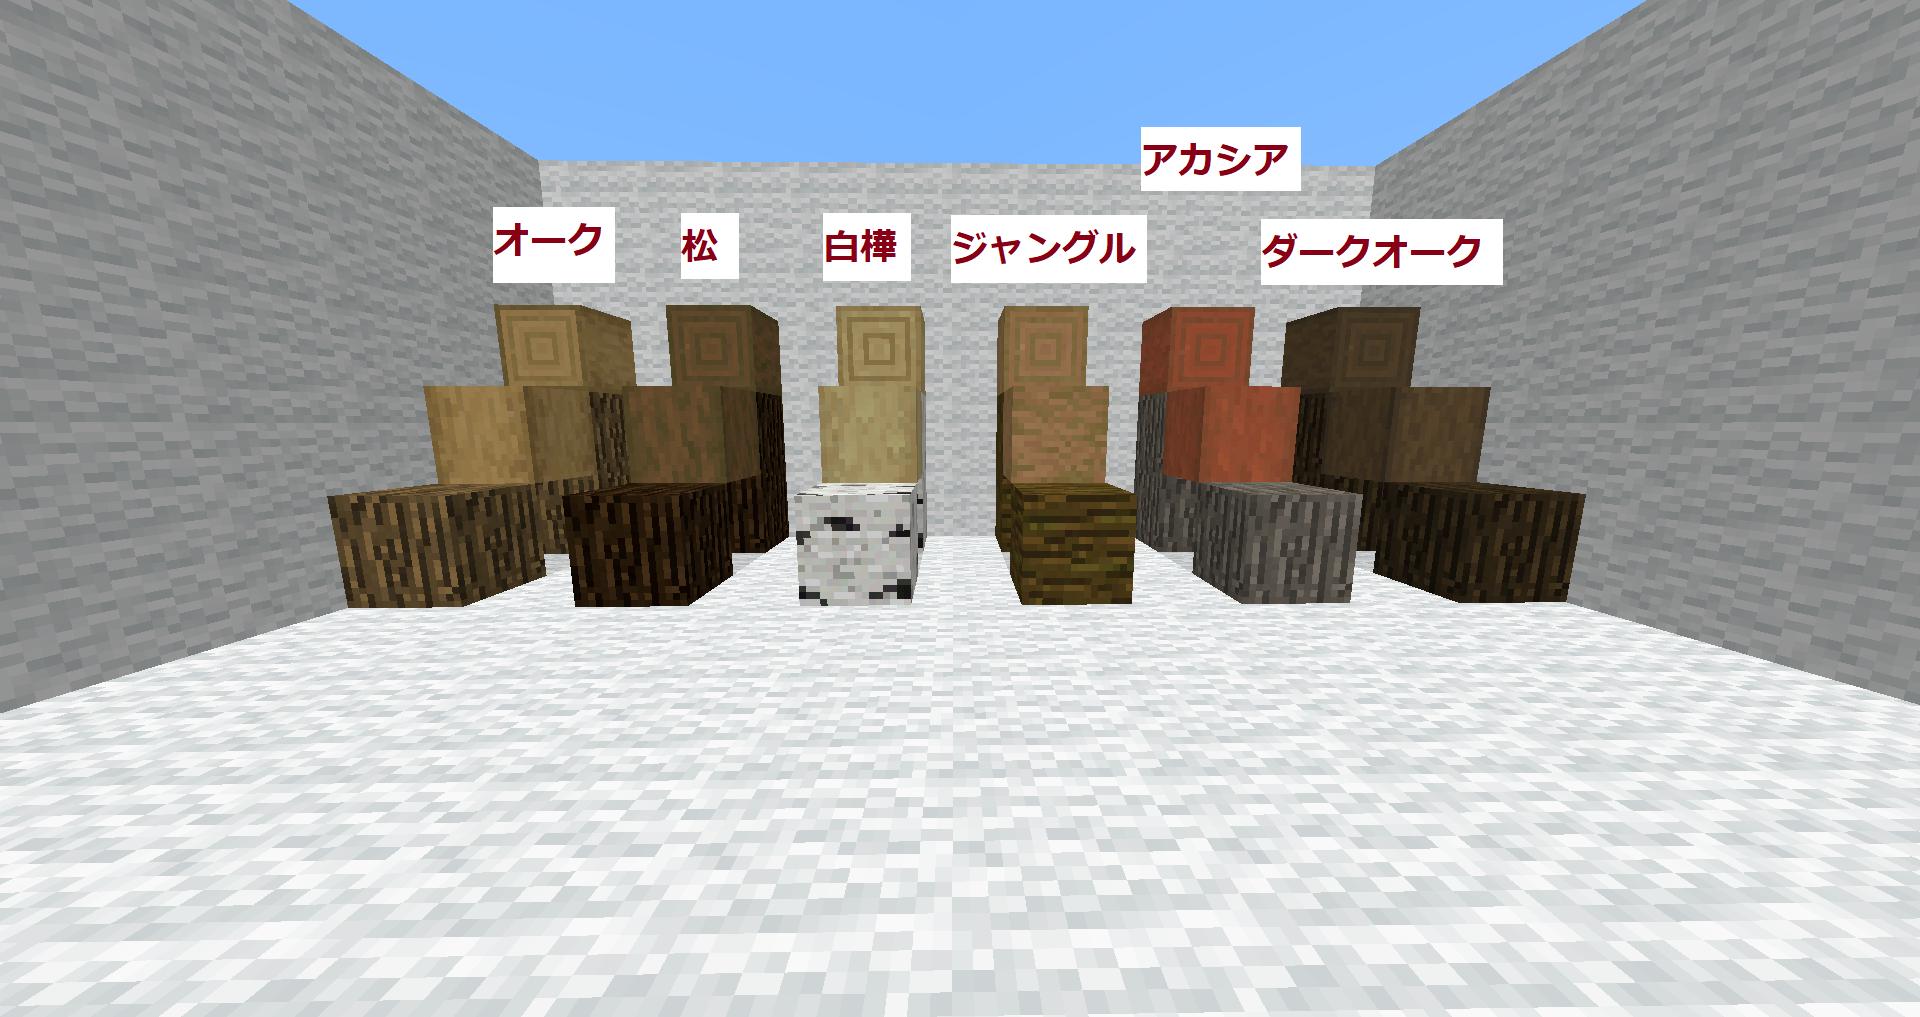 滑らか な 砂岩 マイクラ 【マイクラ(JE)】滑らかな赤い砂岩の入手方法と2つの使い道を解説(あかまつんのマインクラフト)